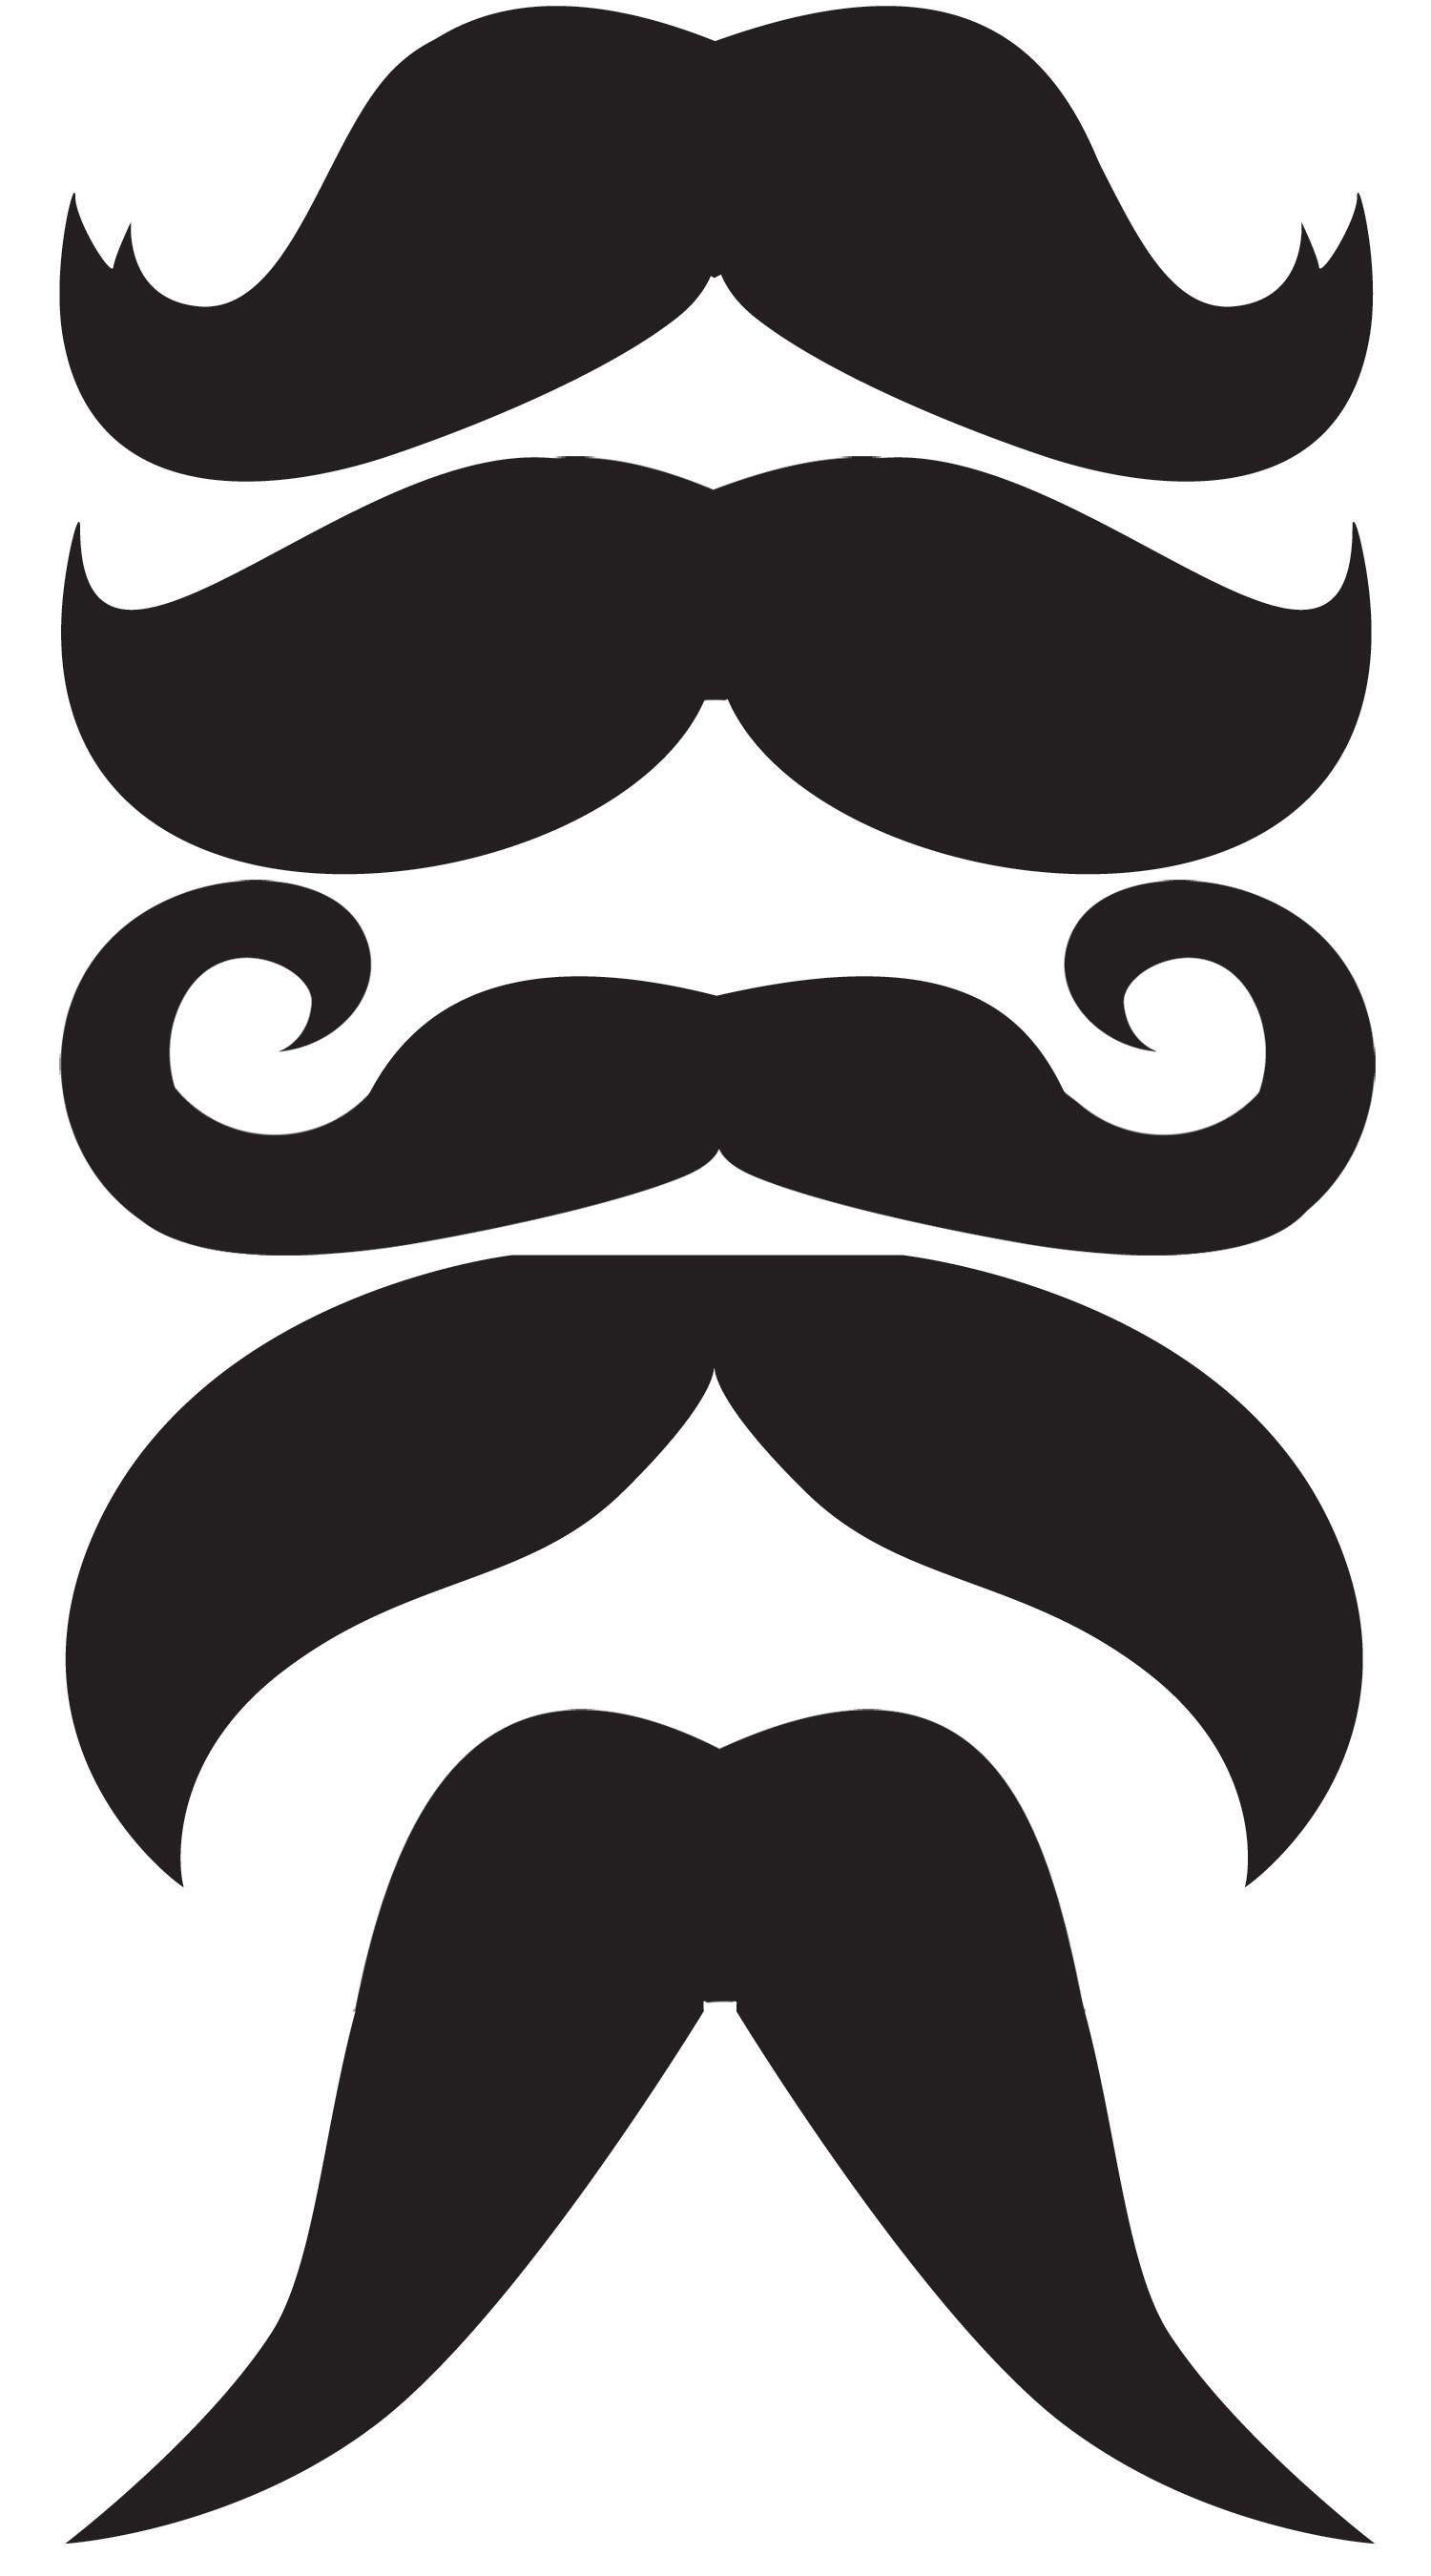 moustache on a stick ….